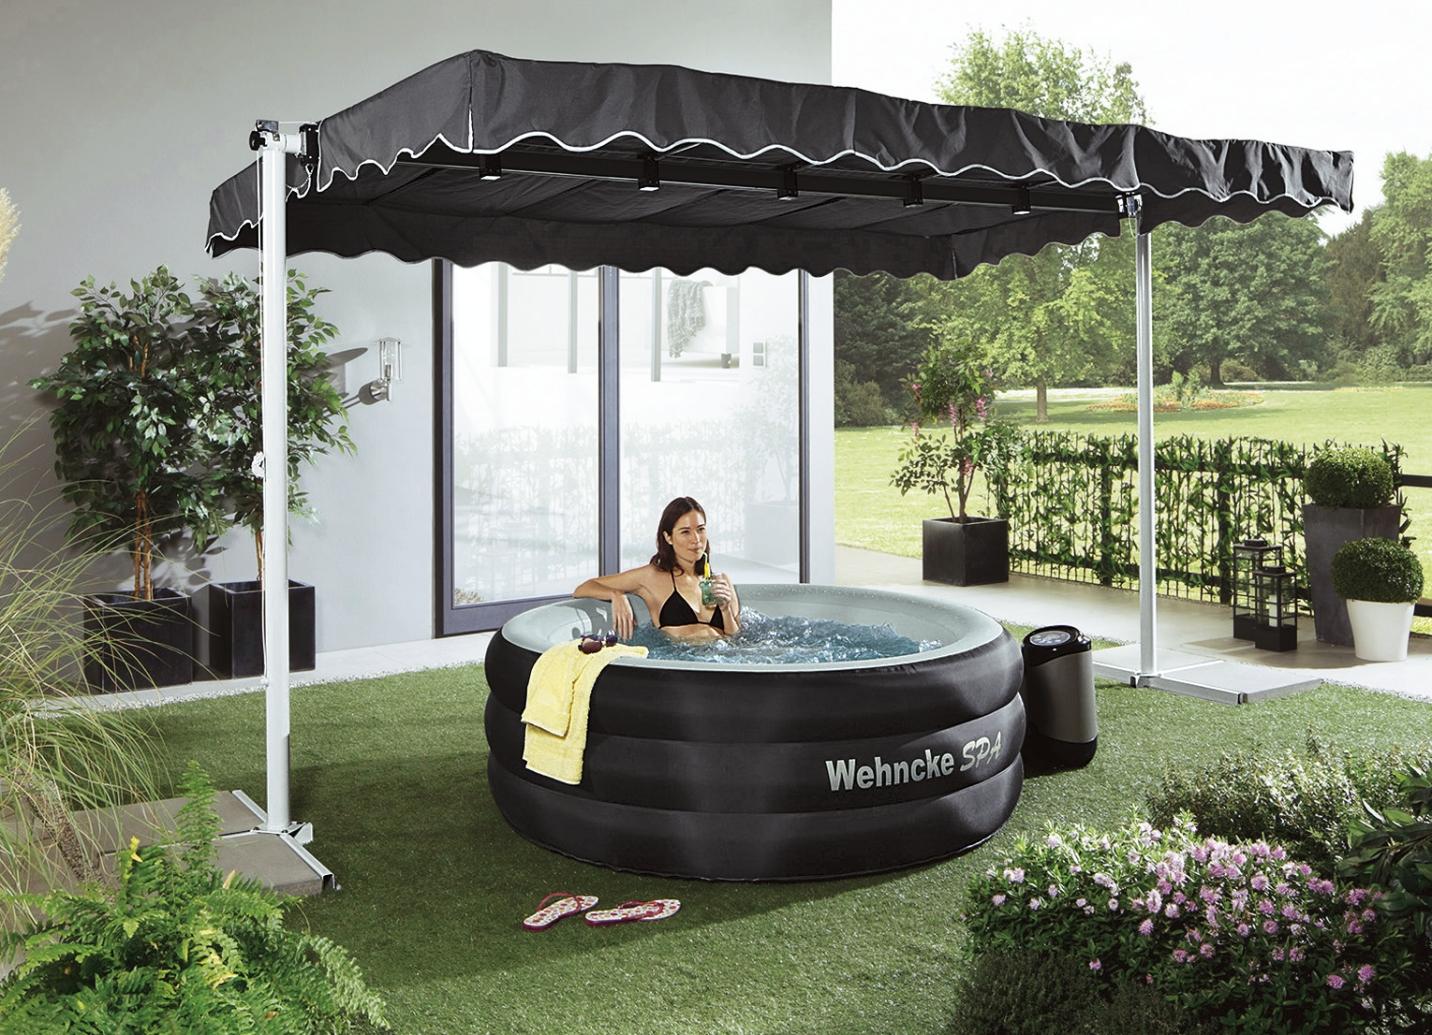 standmarkise dubai in 2 farben sichtschutz und sonnenschutz bader. Black Bedroom Furniture Sets. Home Design Ideas